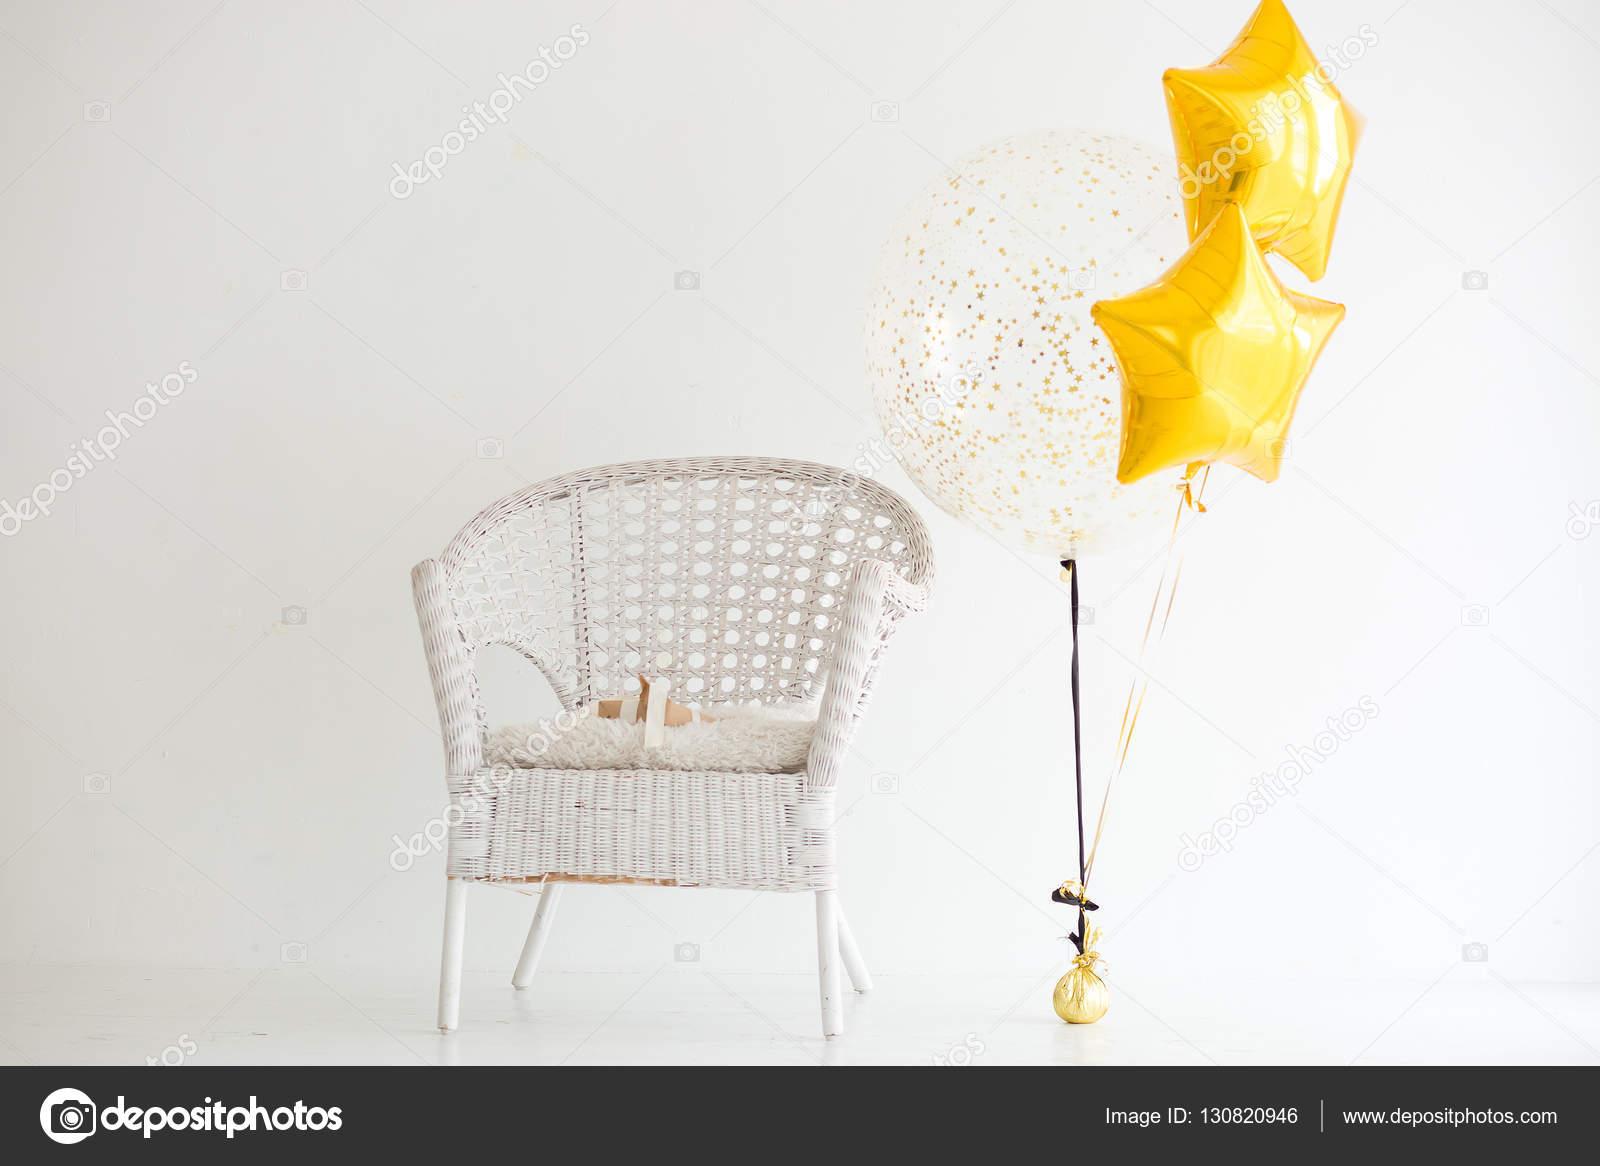 Witte Rieten Stoel : Witte rieten stoel en feestelijke ballonnen close up op een witte